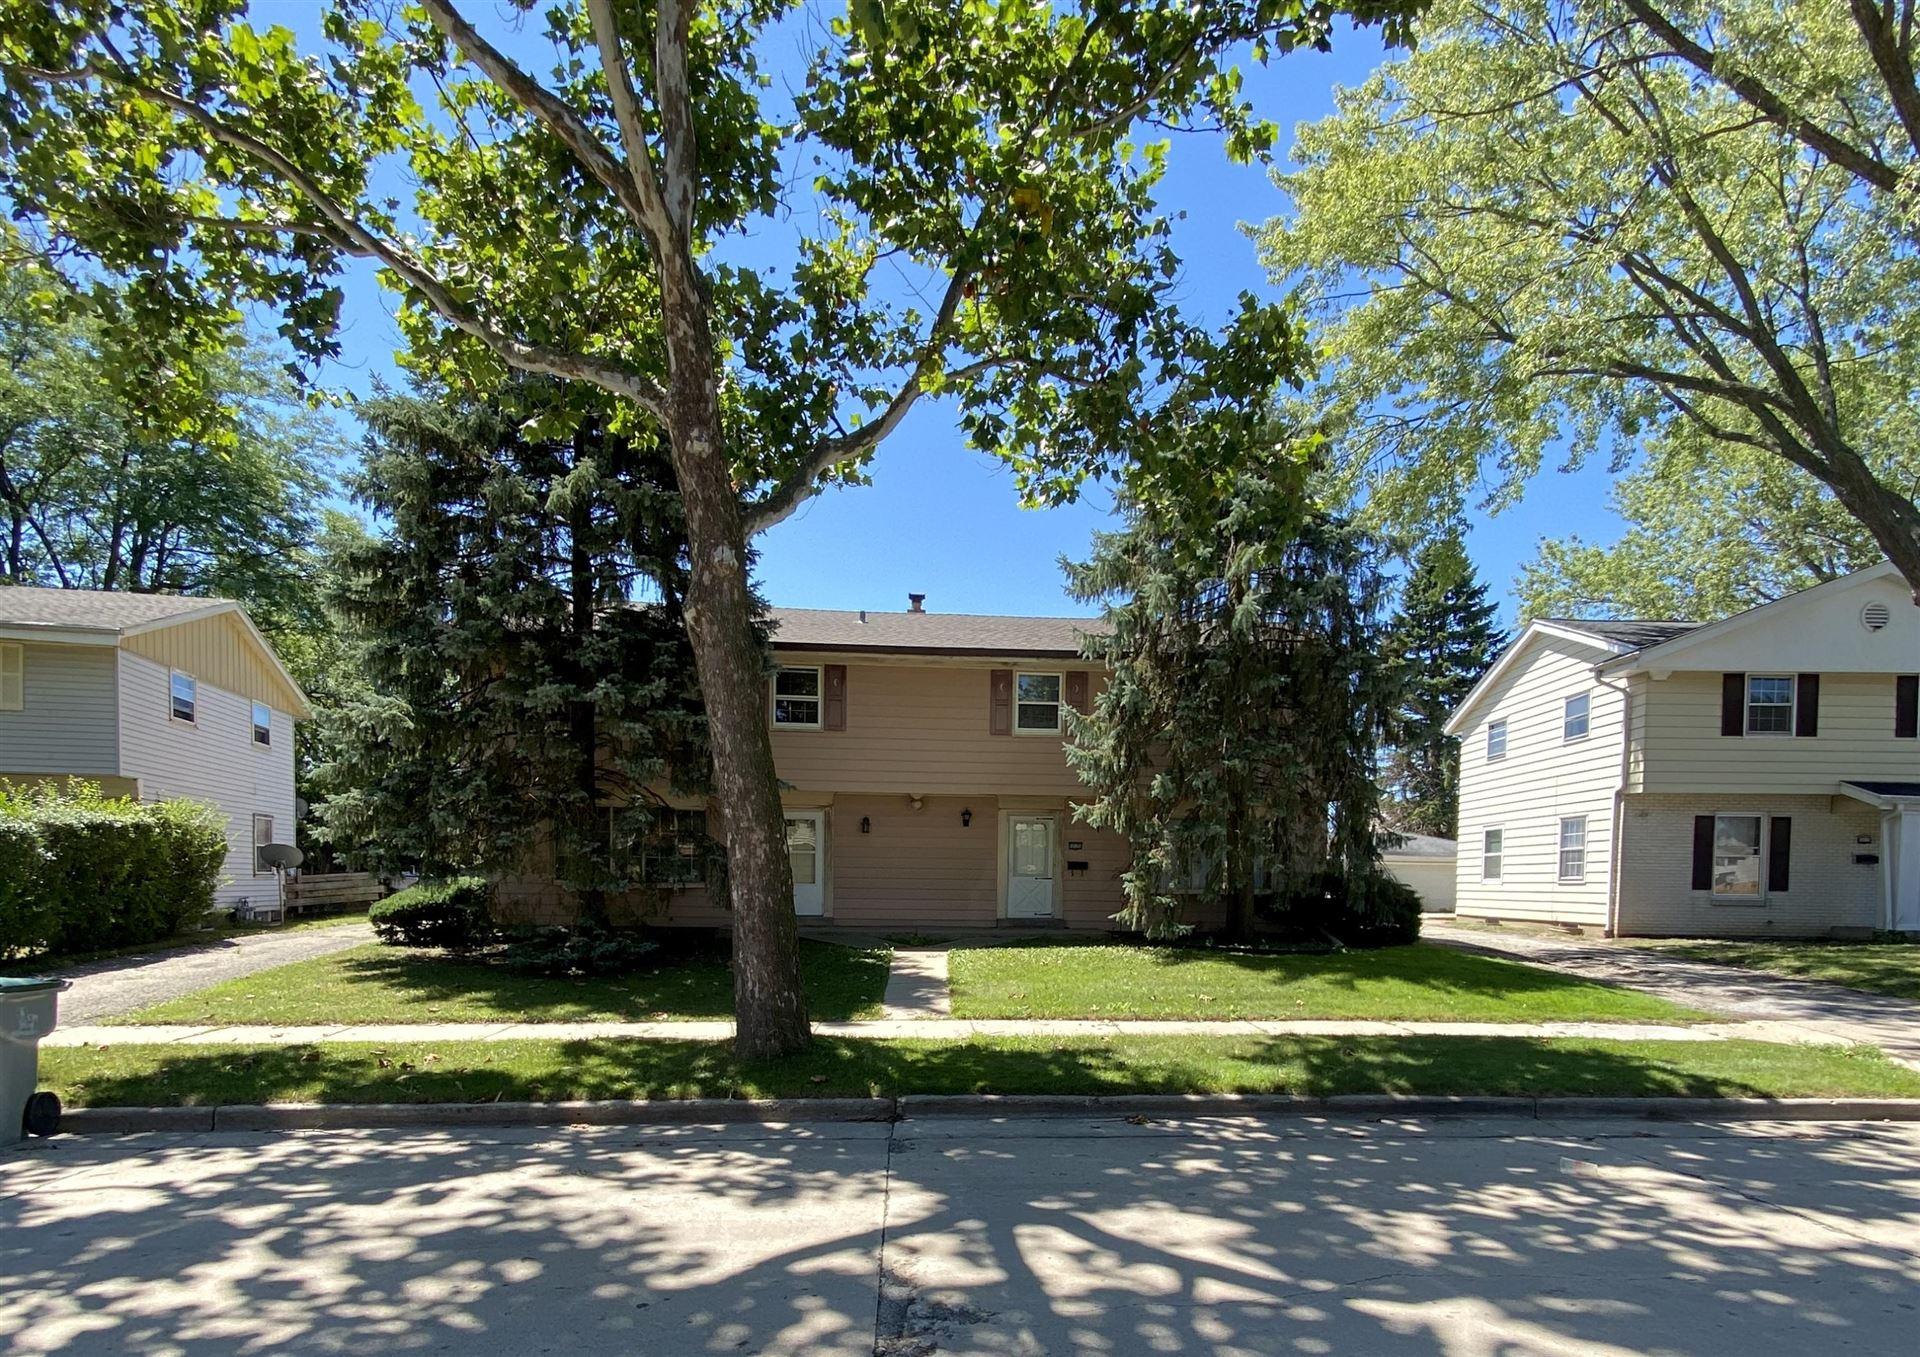 10123 W Kiehnau Ave #10125, Milwaukee, WI 53224 - #: 1702779